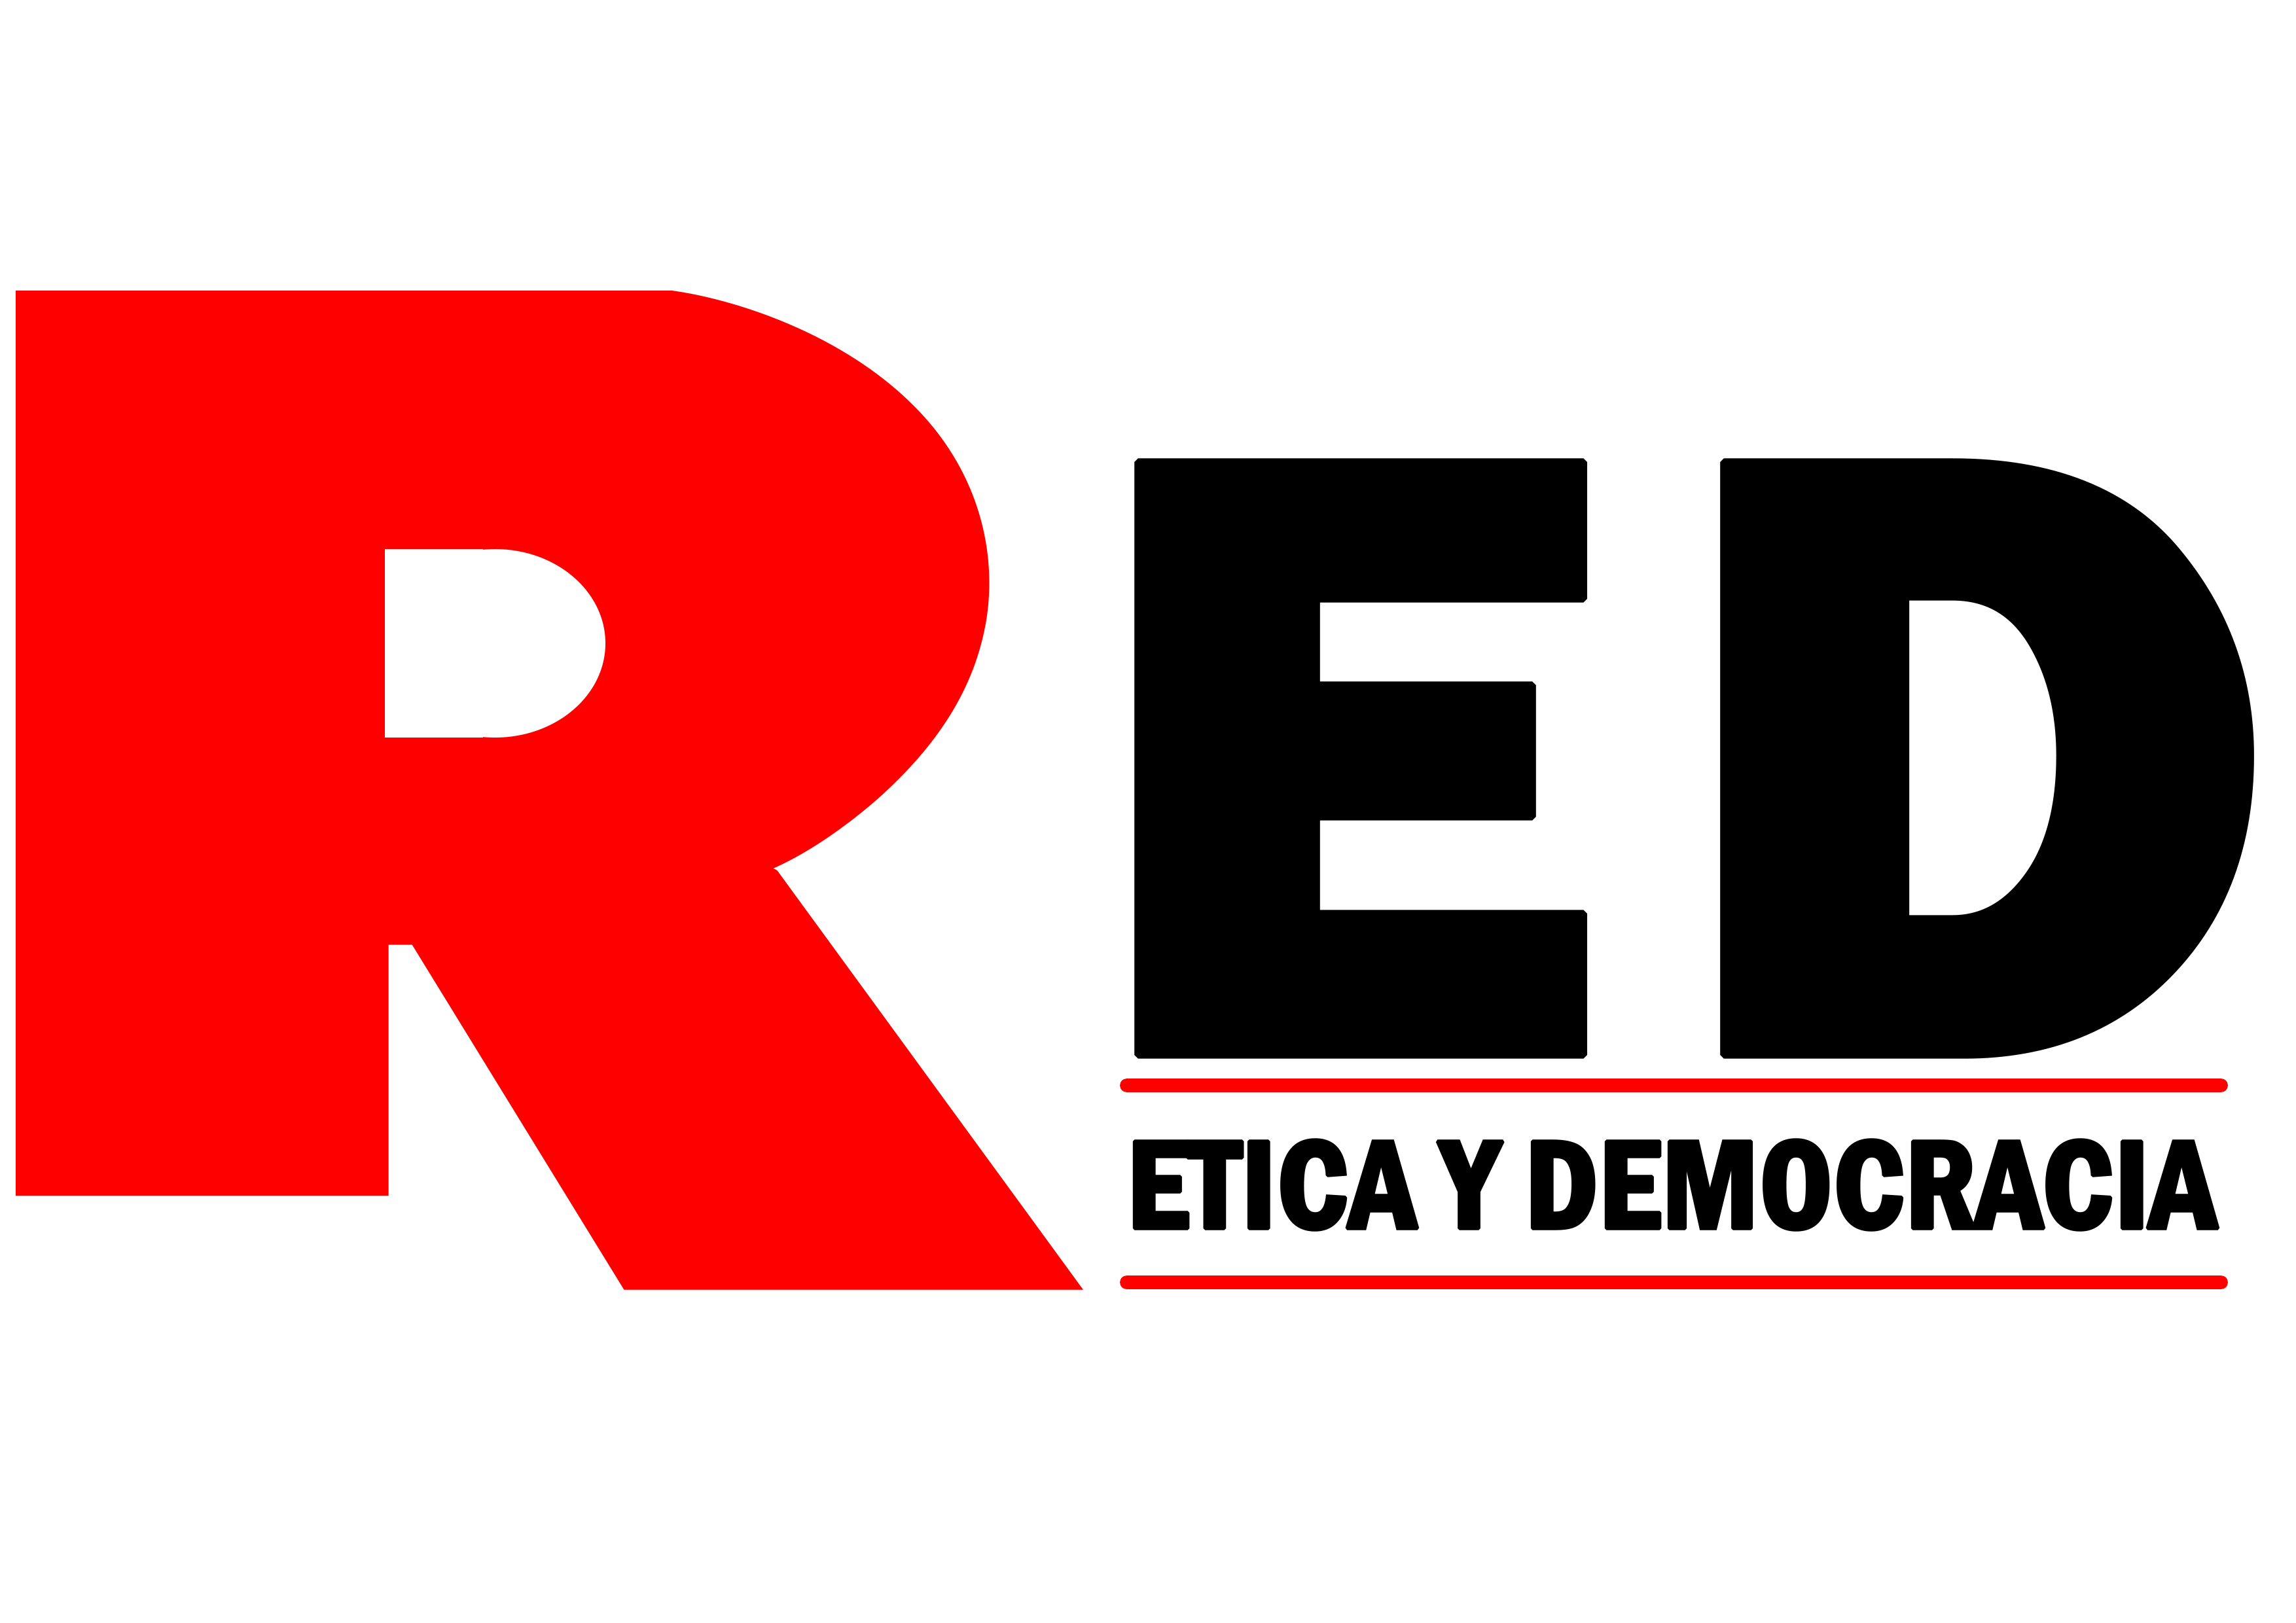 Red Ética y Democracia logo.jpg